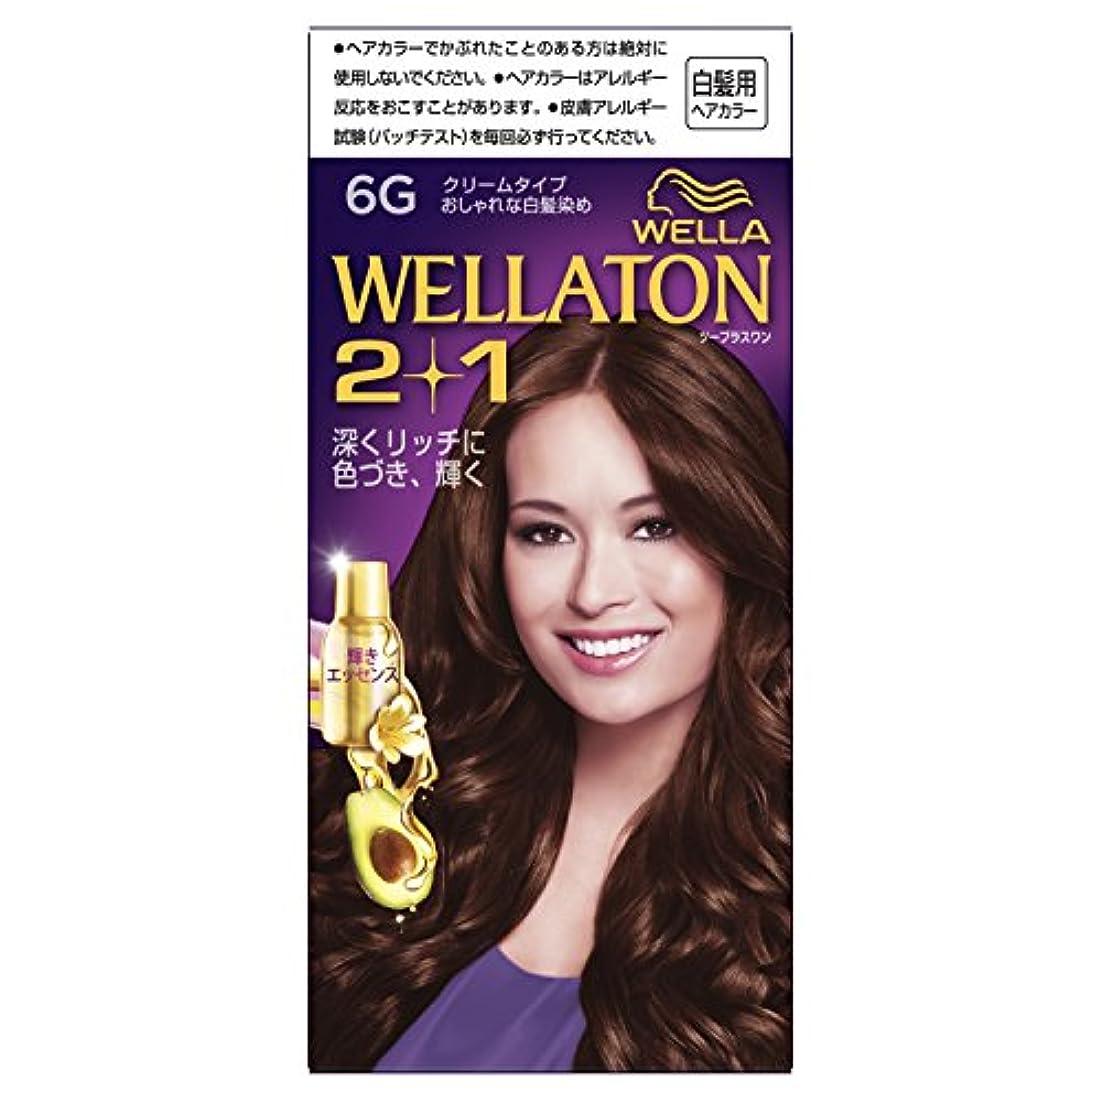 処方不満鳴らすウエラトーン2+1 クリームタイプ 6G [医薬部外品](おしゃれな白髪染め)